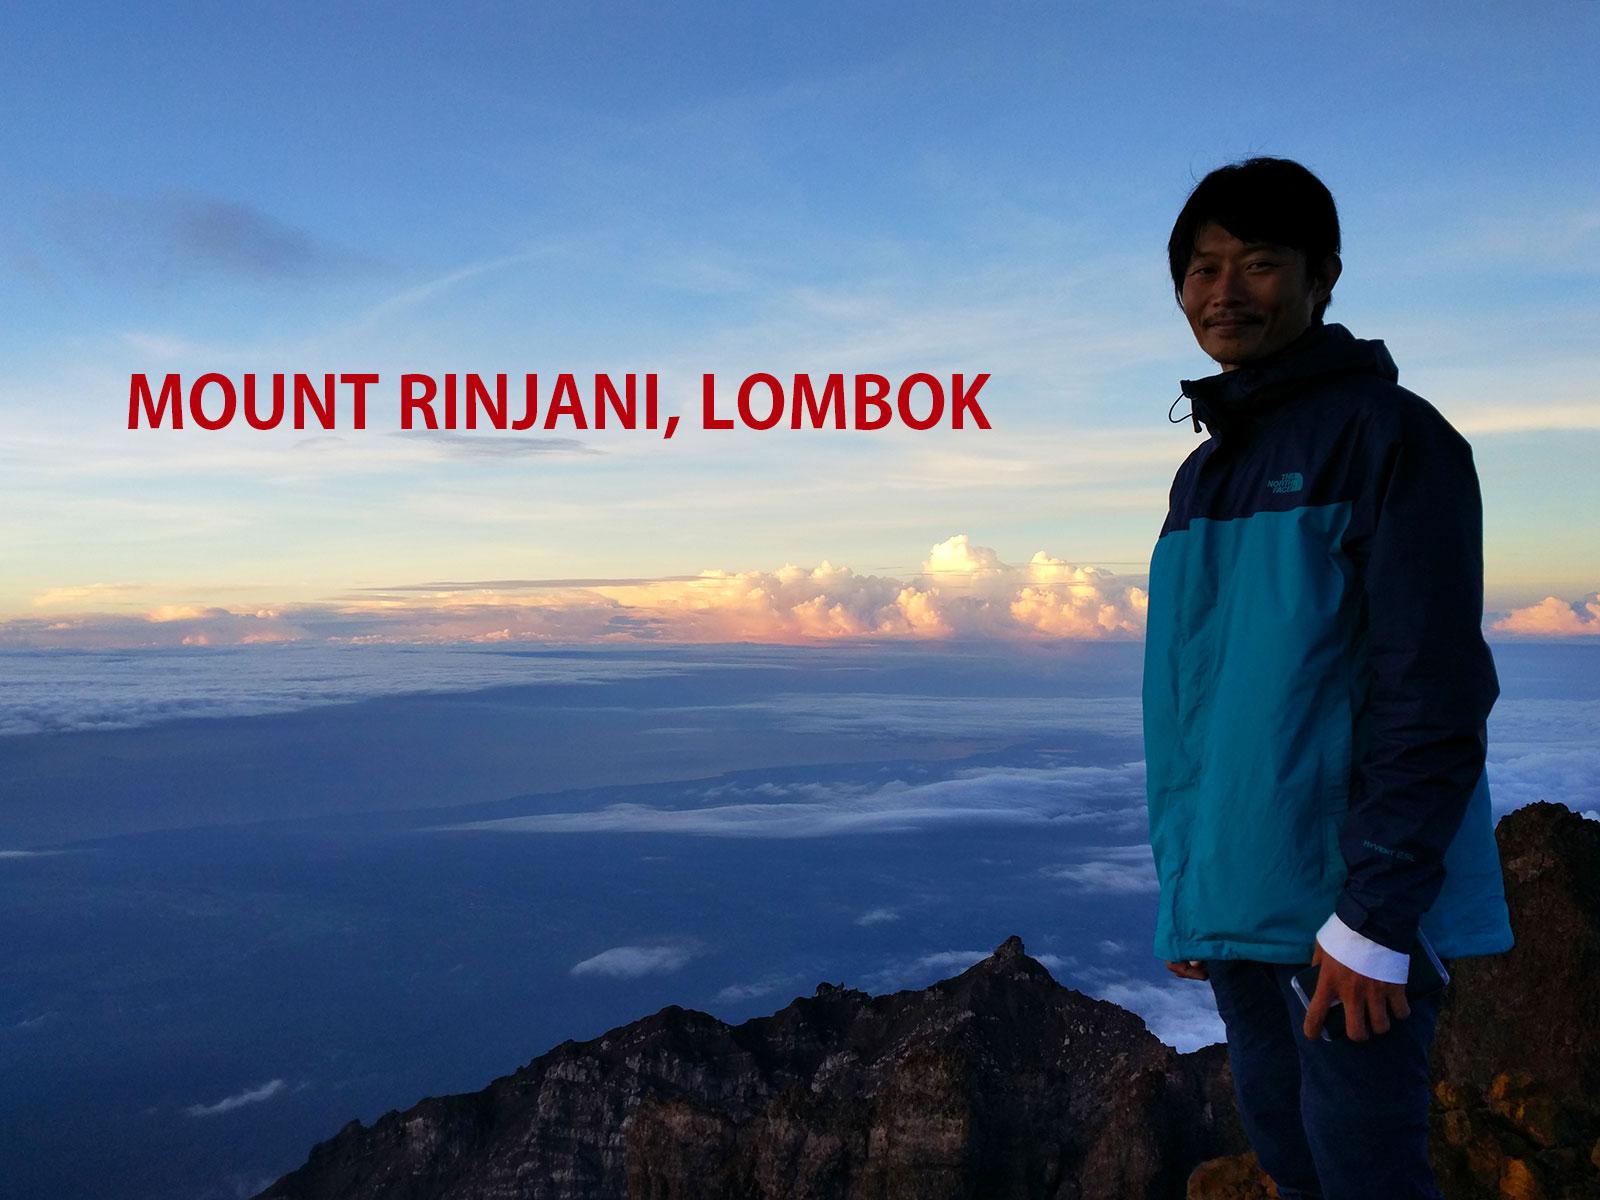 ロンボク島の美しいリンジャニ山に登ってきました